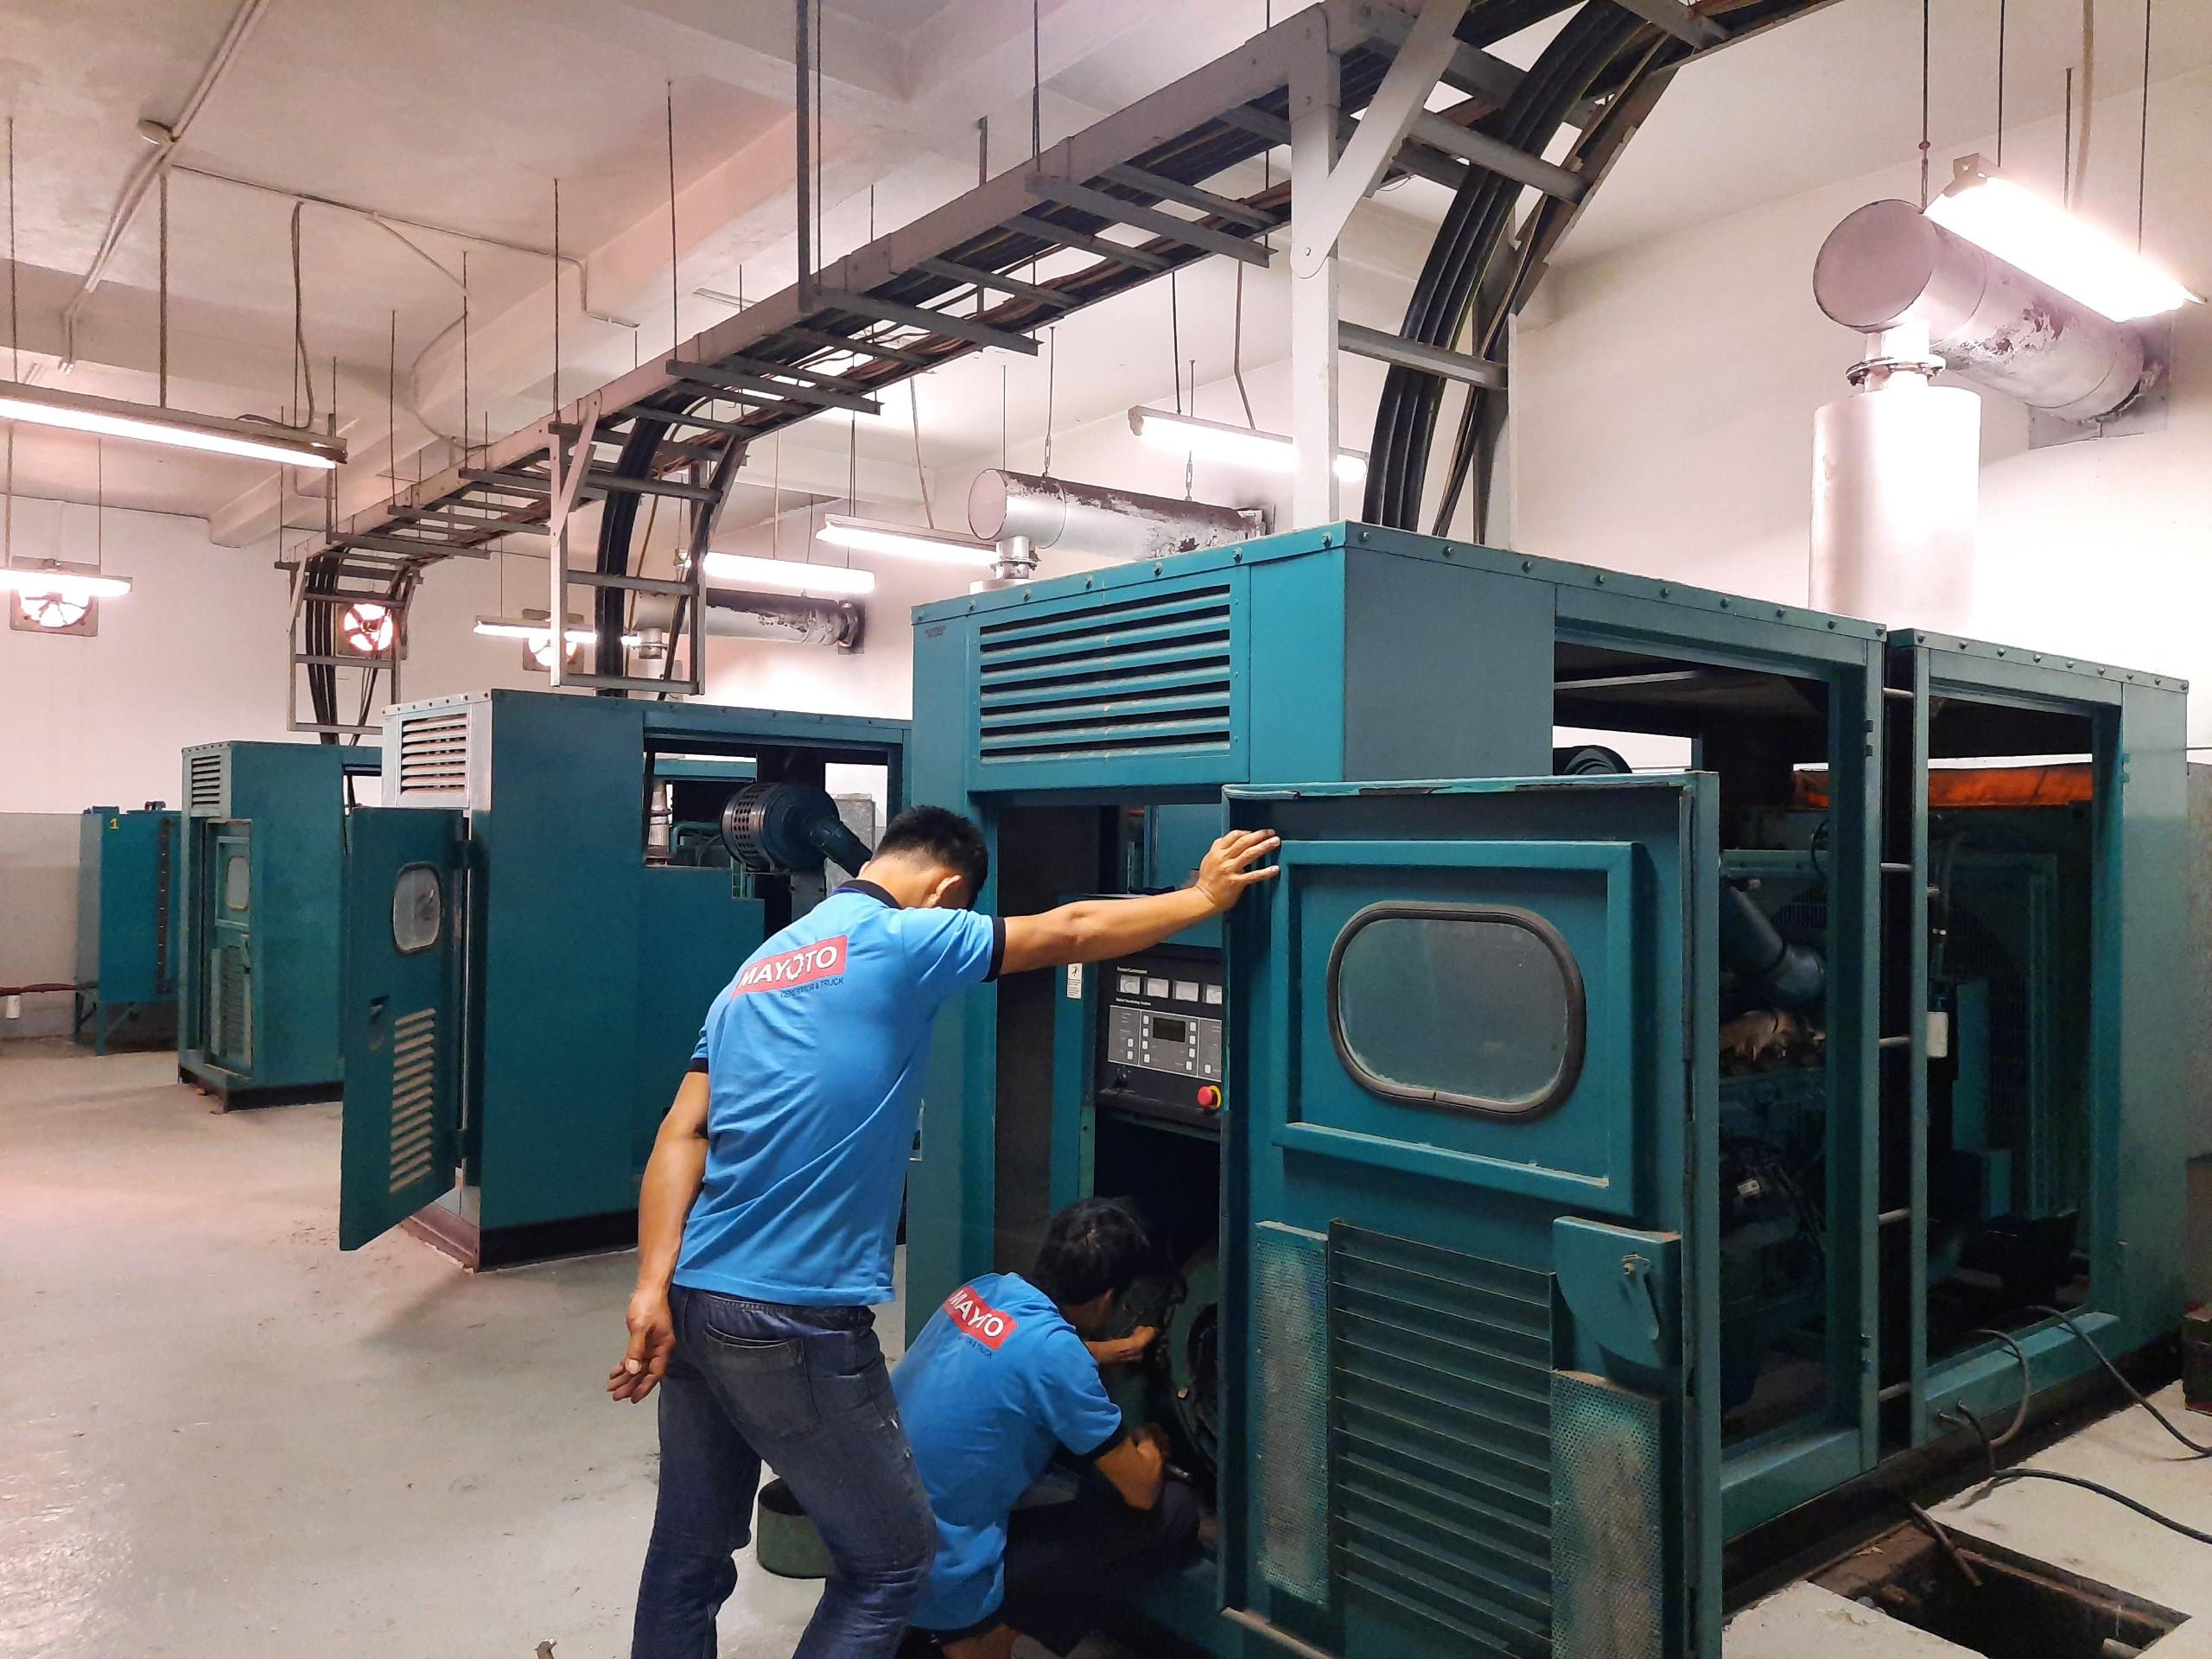 Sửa chữa, bảo trì bảo dưỡng máy phát điện Cummins cho Resort ở Hội An, Quảng Nam